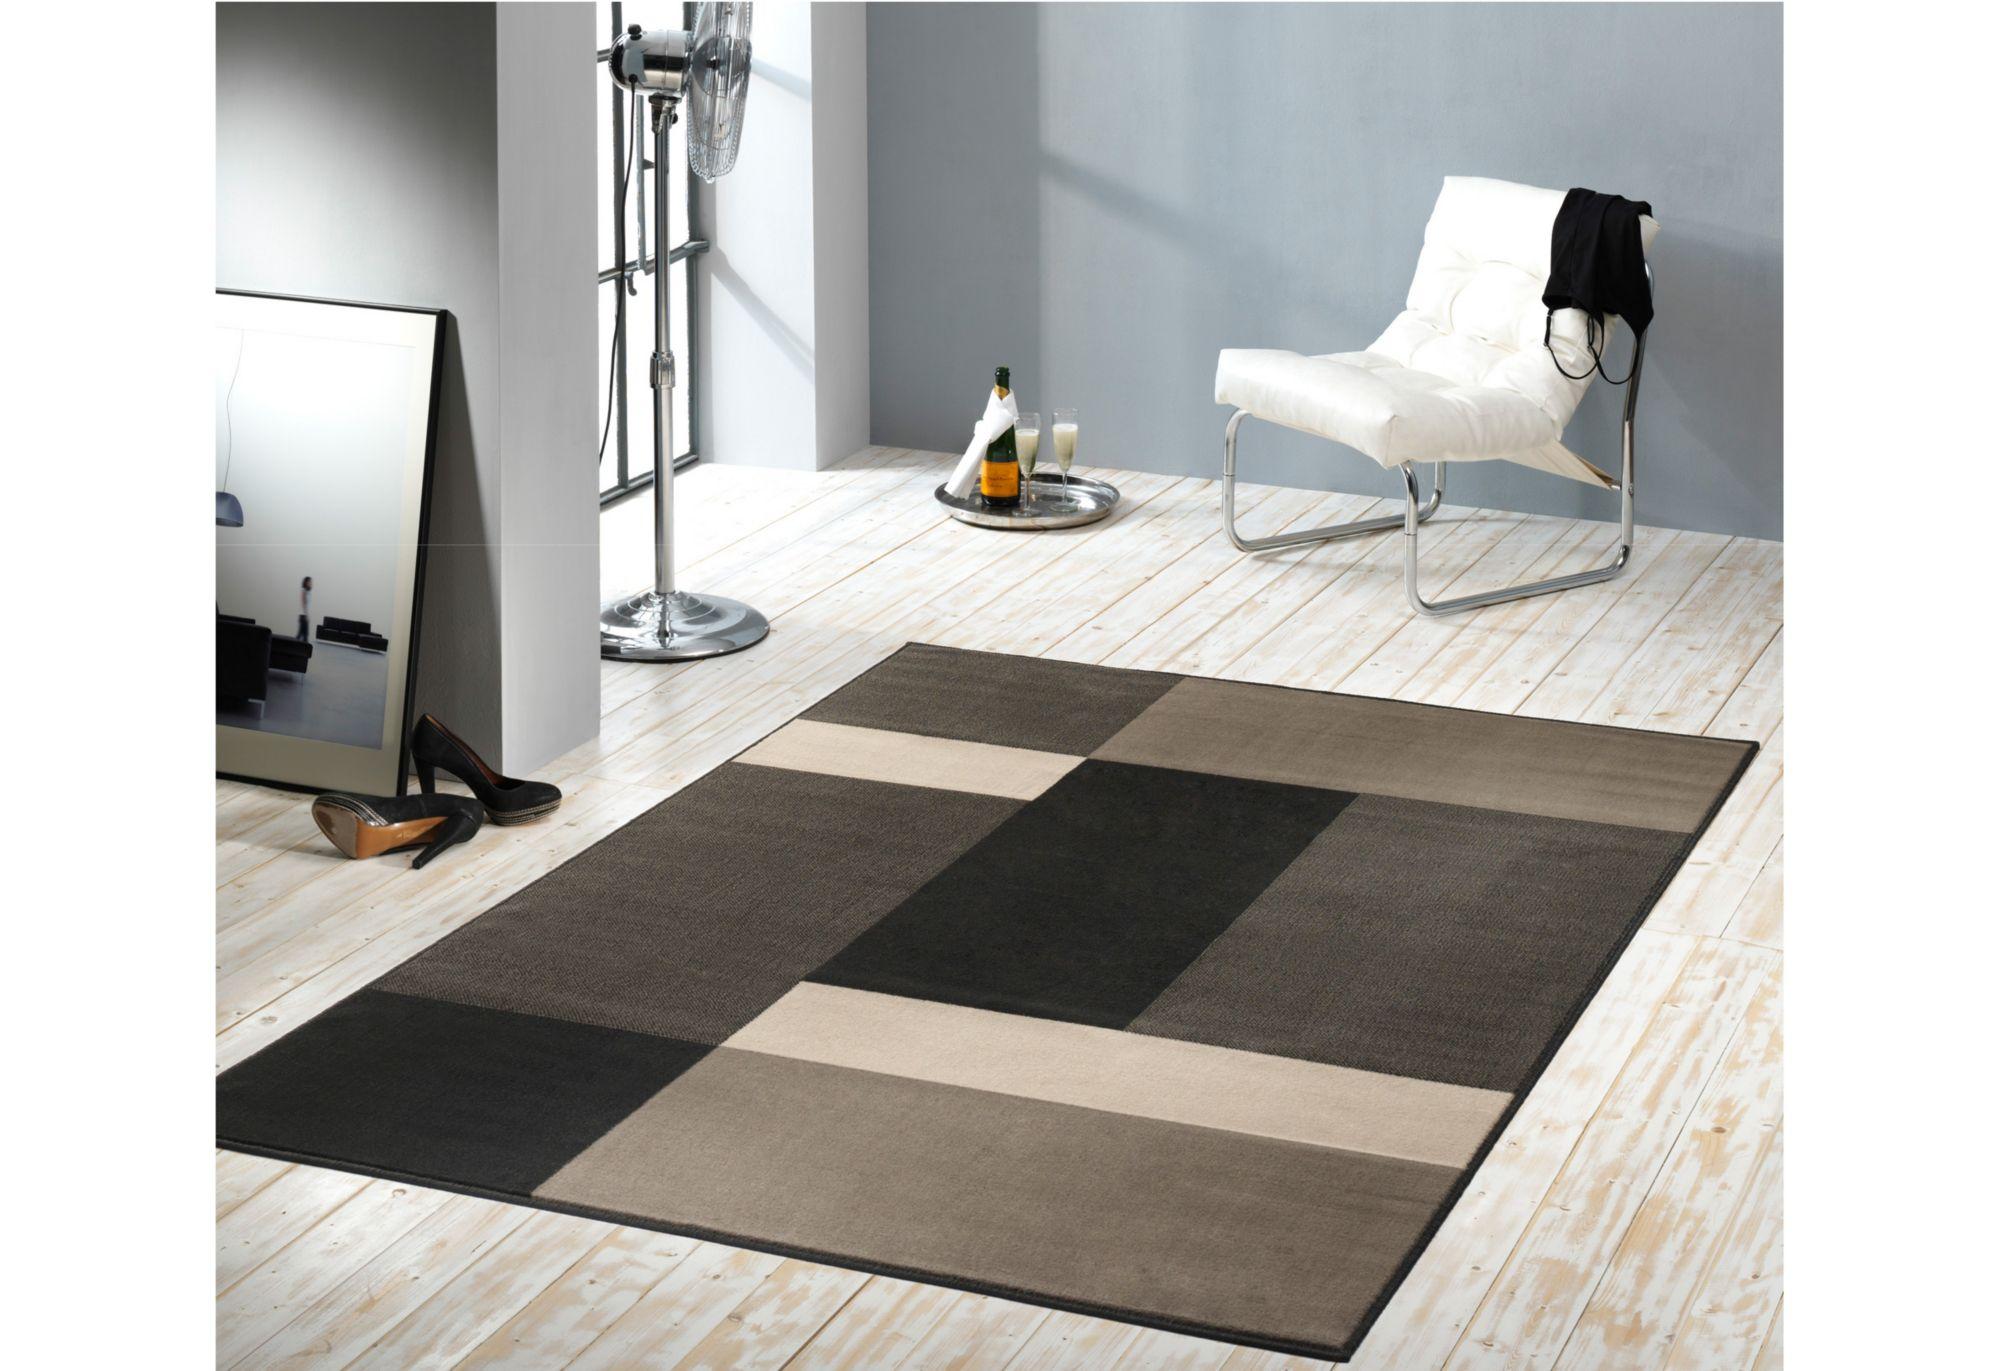 teppich hanse home mika schwab versand alle teppiche. Black Bedroom Furniture Sets. Home Design Ideas